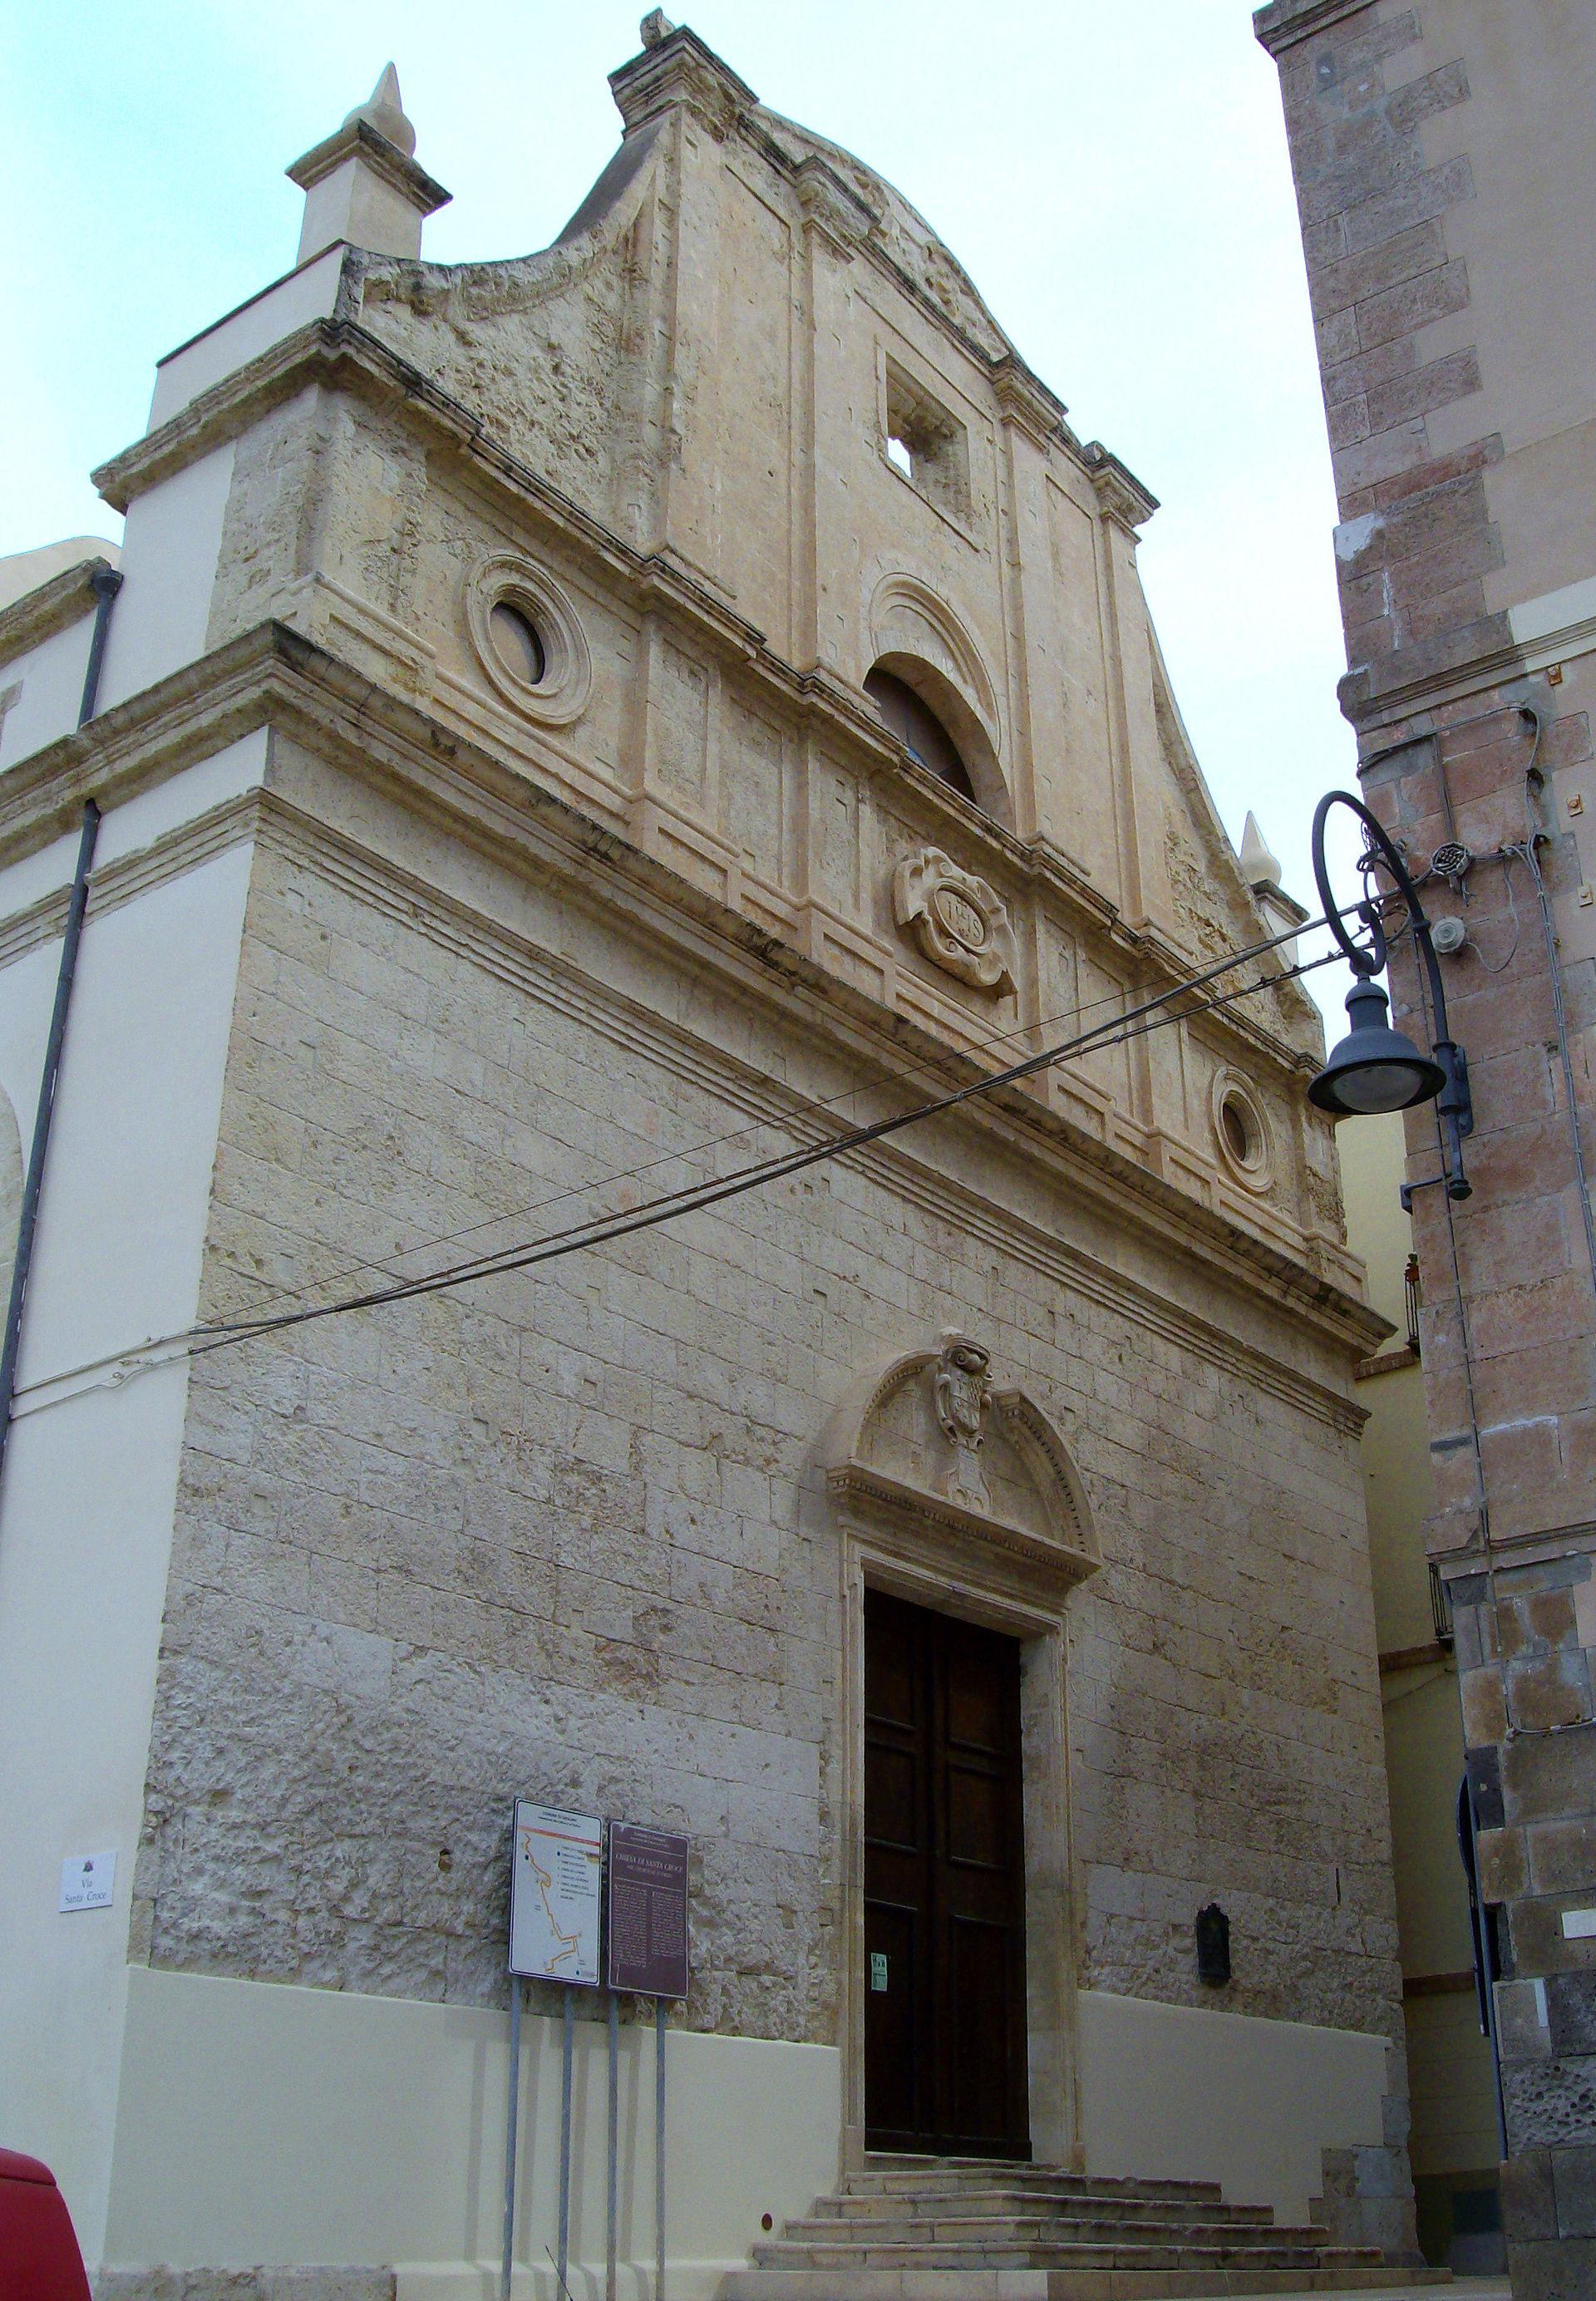 cagliari bastione di santa croce italy - photo#17